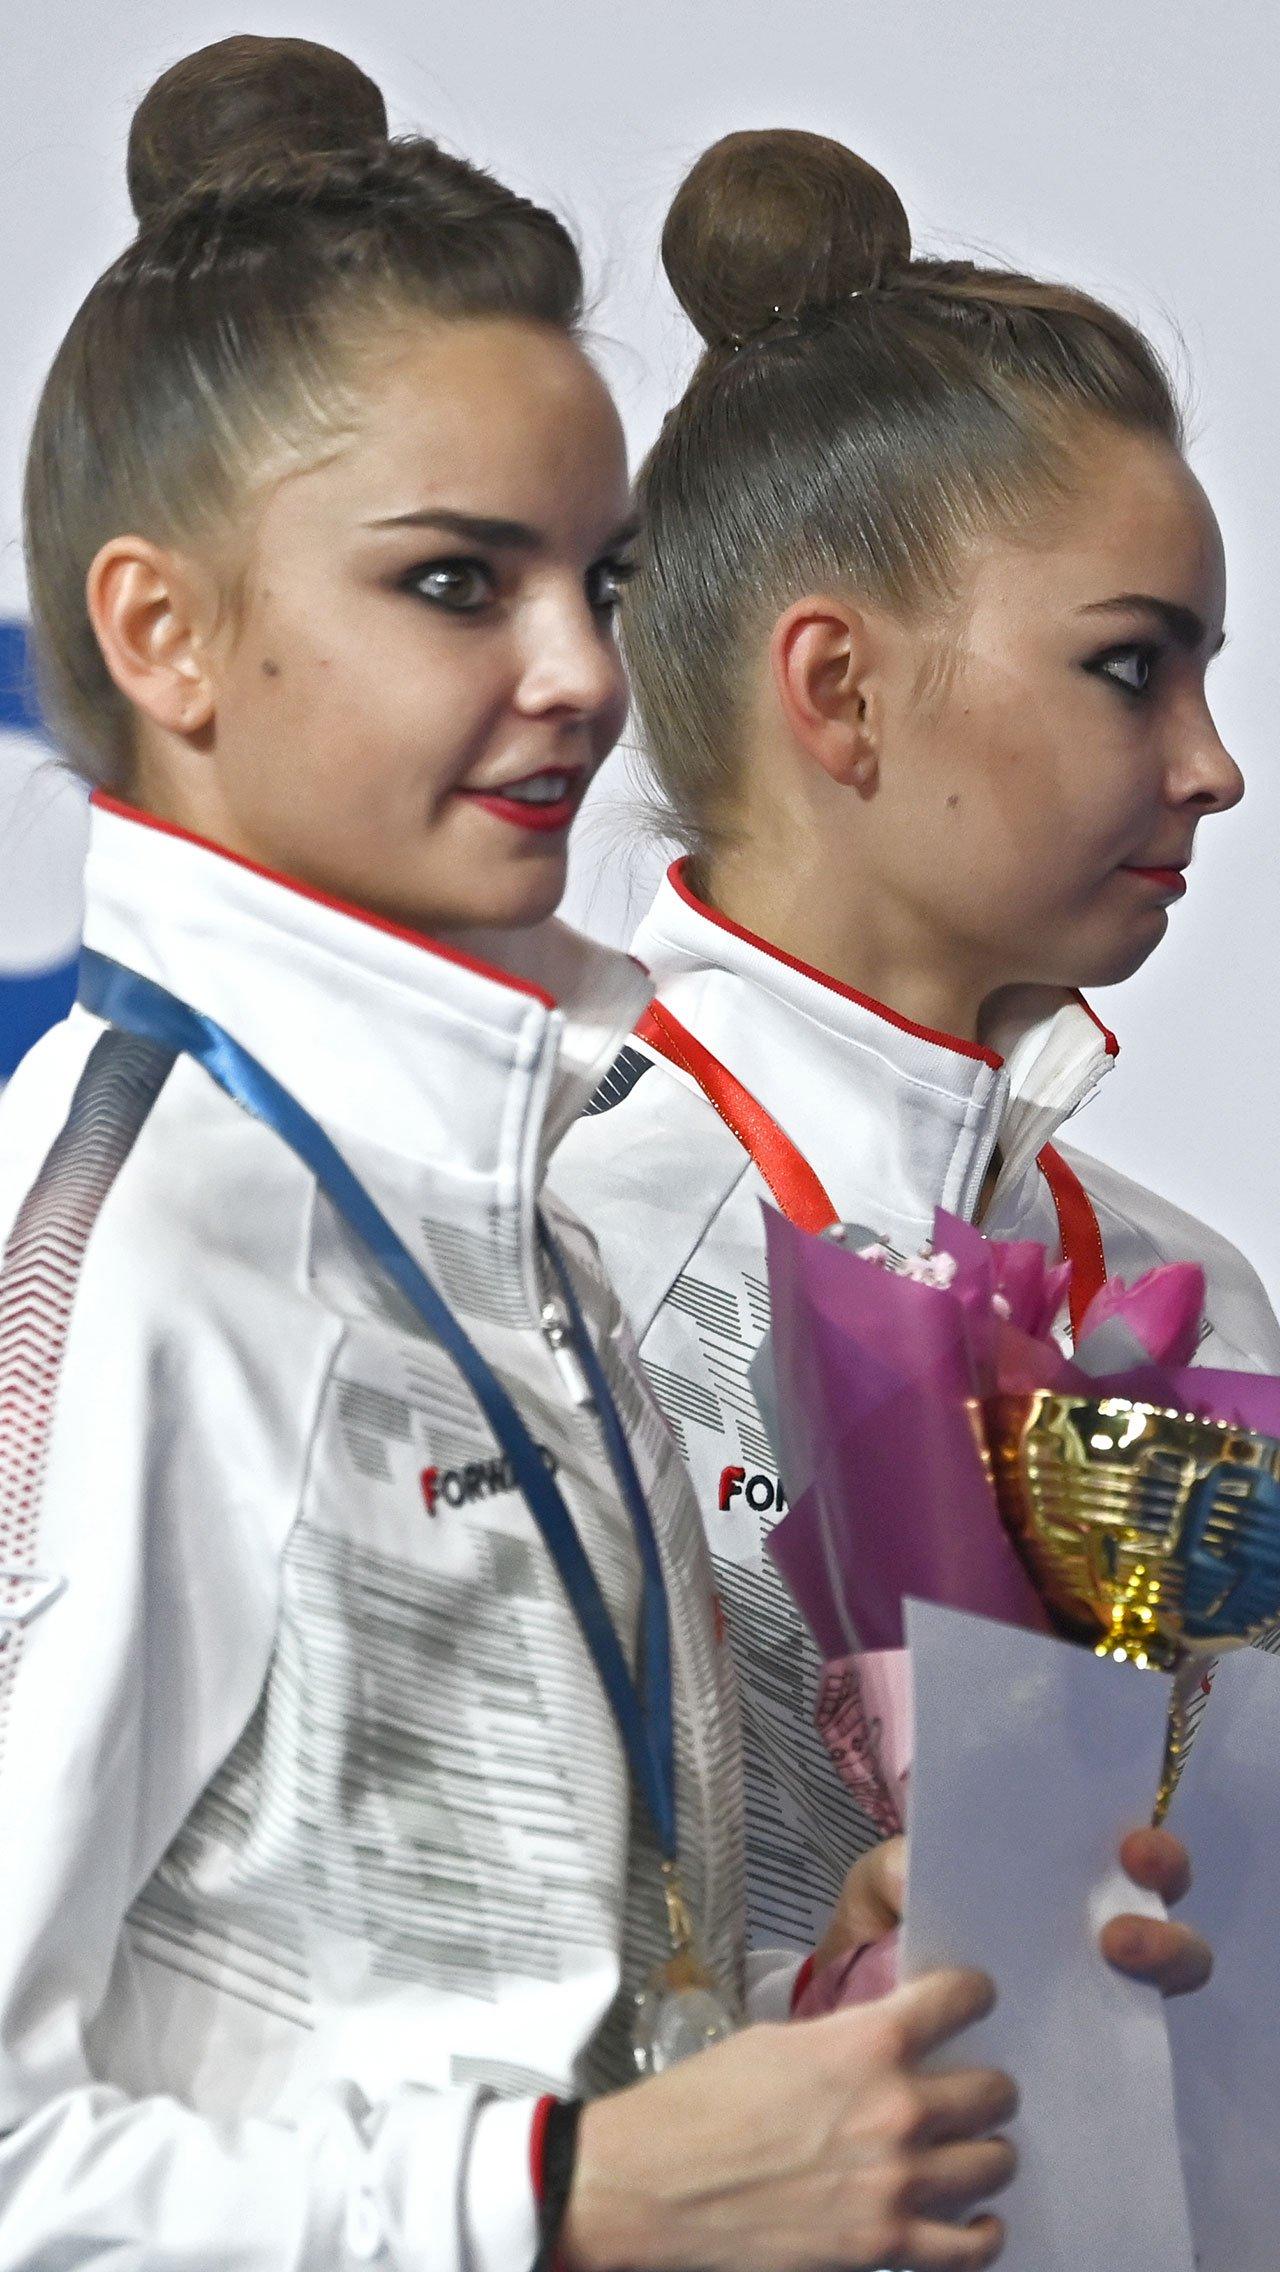 За медали в Токио российские олимпийцы получат самые скромные призовые за 10 лет